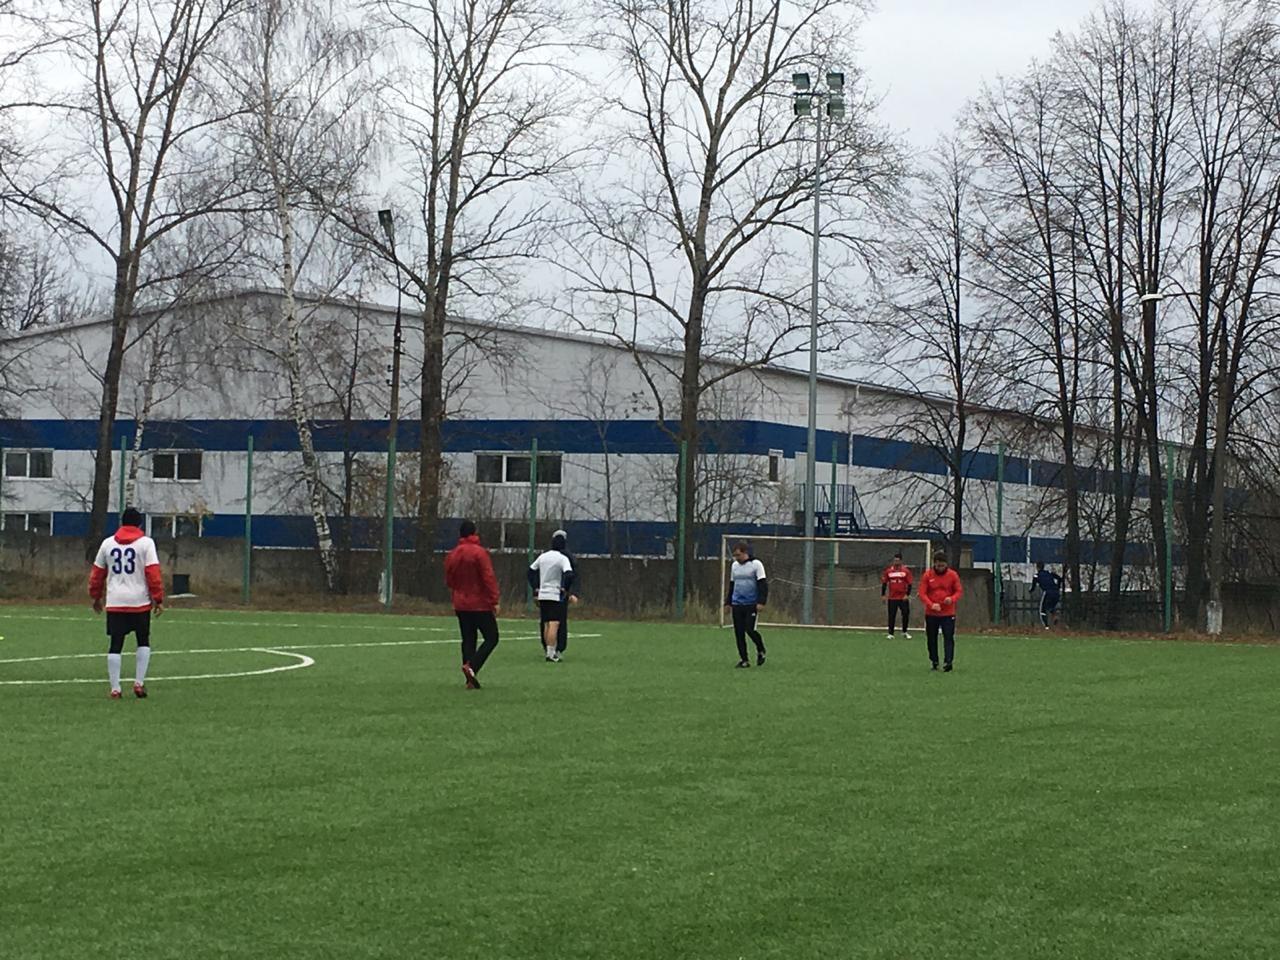 27 октября на футбольных полях МУ «СЦ им. А.Гринина» прошли игры Турнира по футболу 8*8.